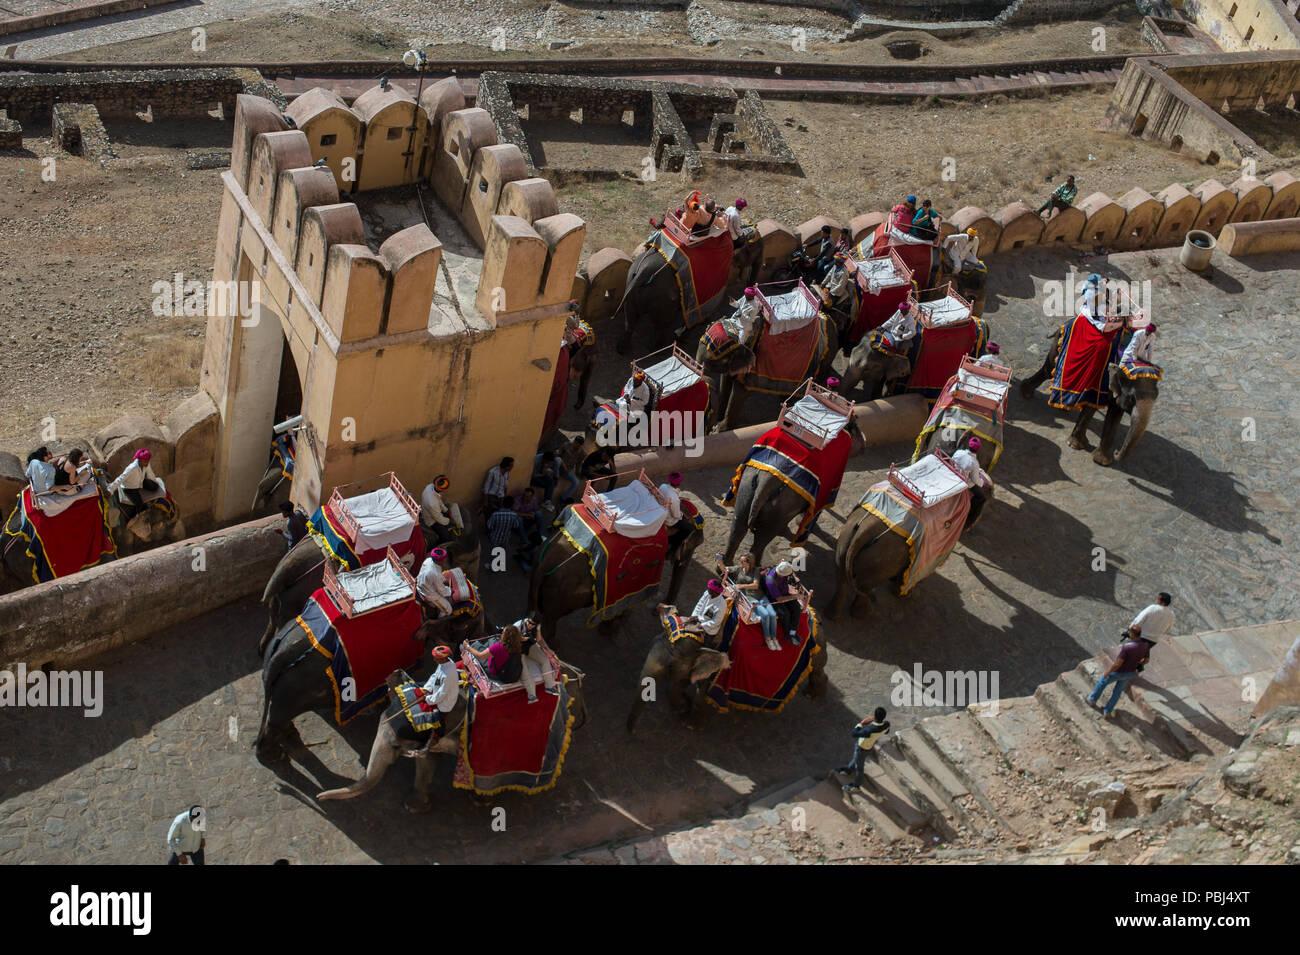 Jaipur, India - Stock Image